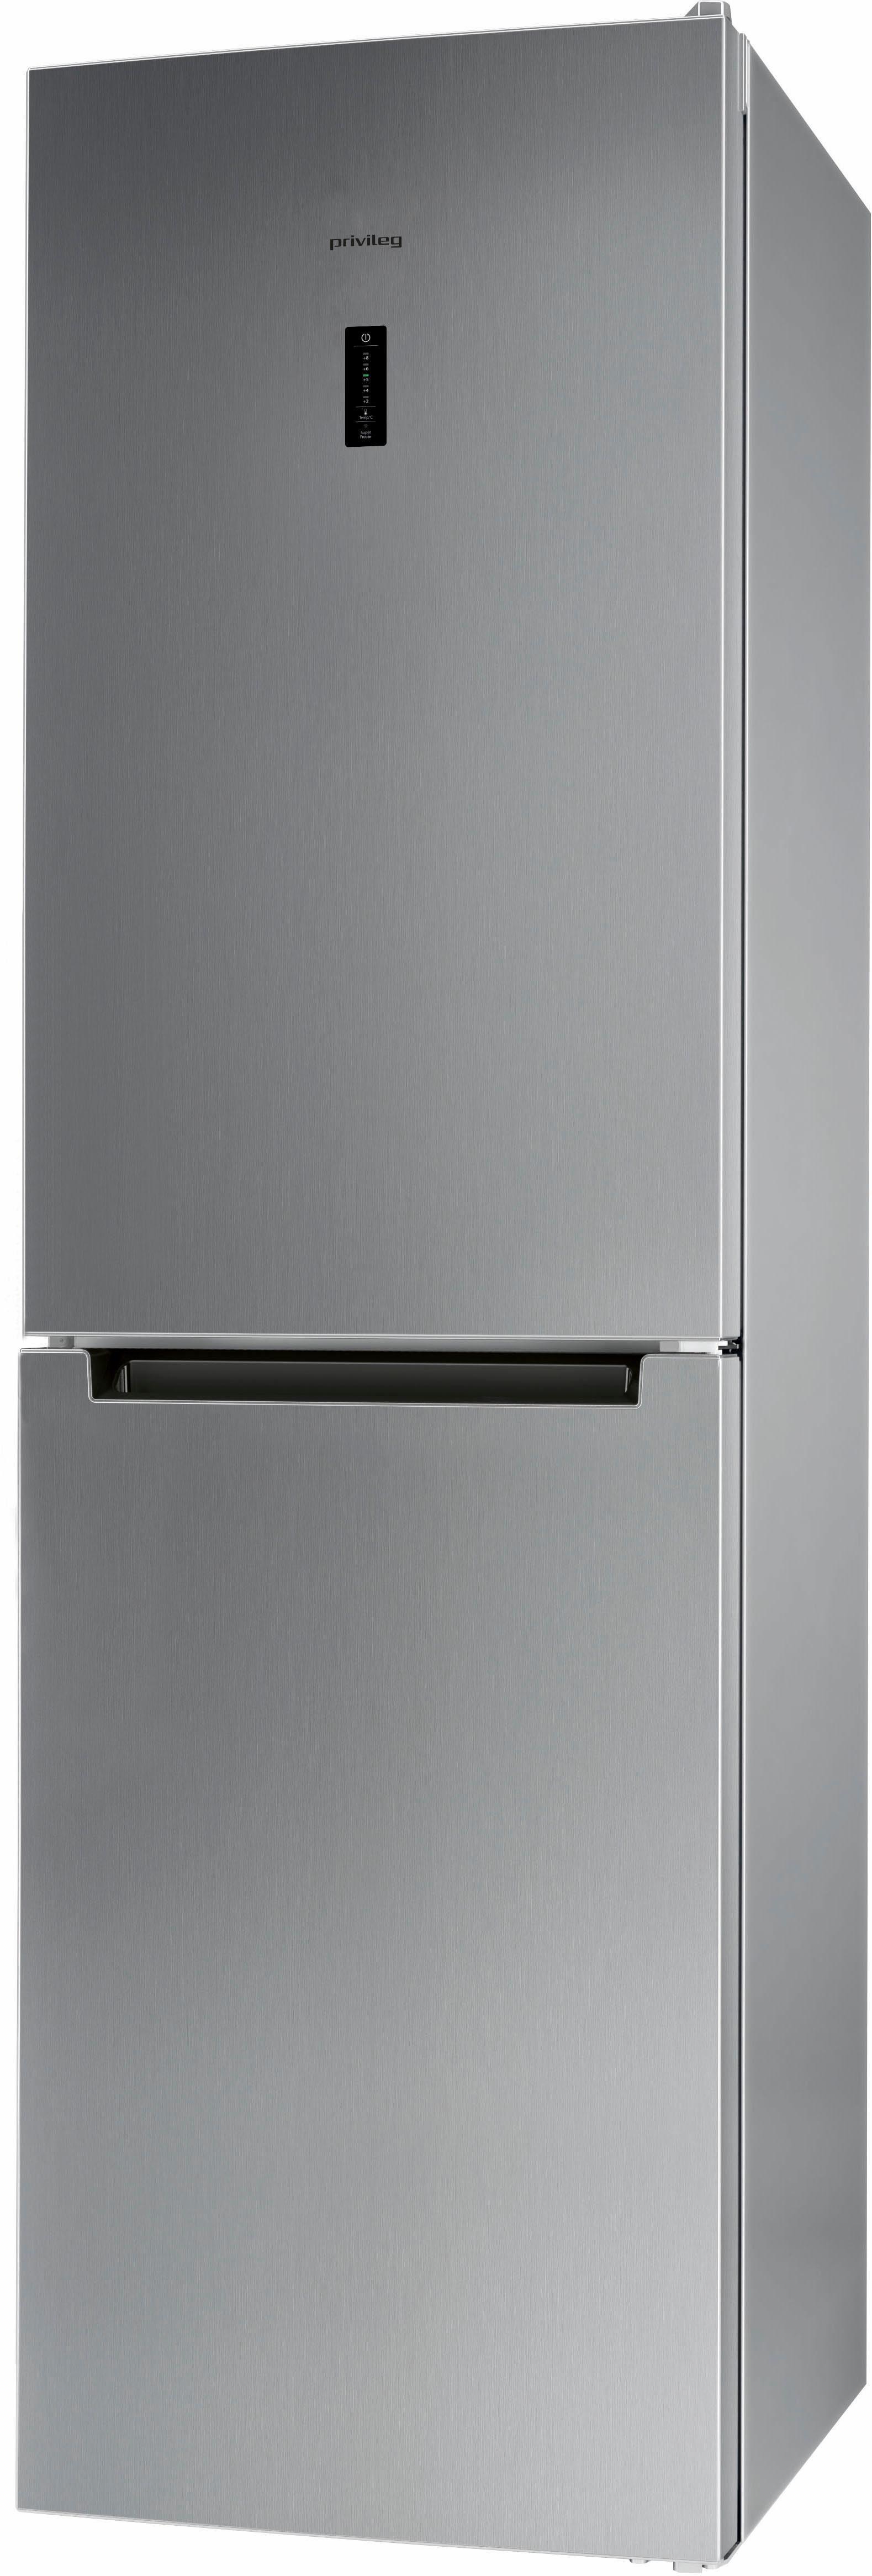 Privileg Kühl-Gefrierkombination PRBN 396S A++, 201 cm hoch